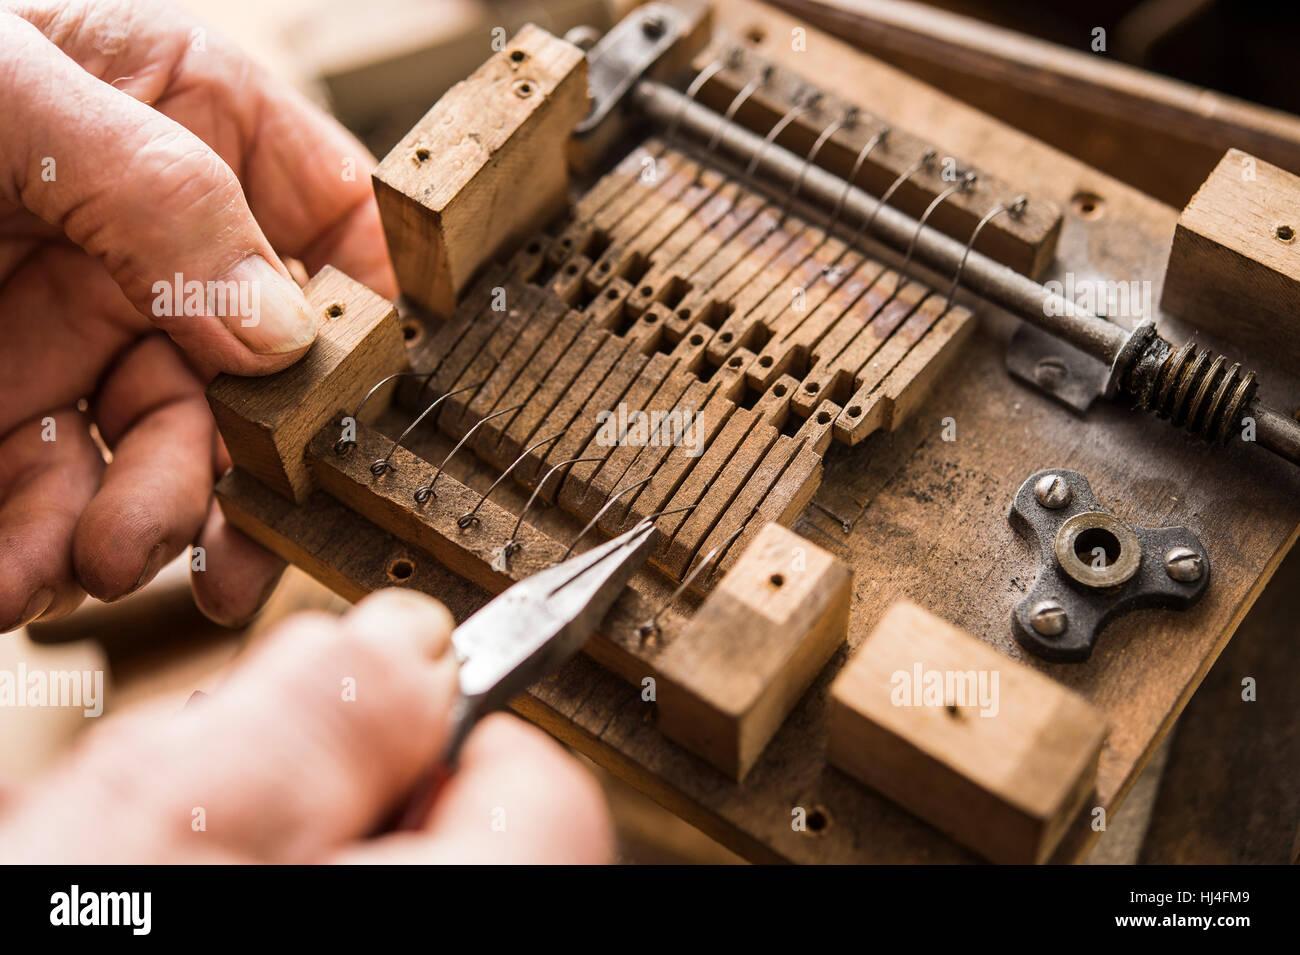 Barrel organ builder, hand bends spring wires made of V2A steel into wooden valves, Grassau, Upper Bavaria, Bavaria, - Stock Image